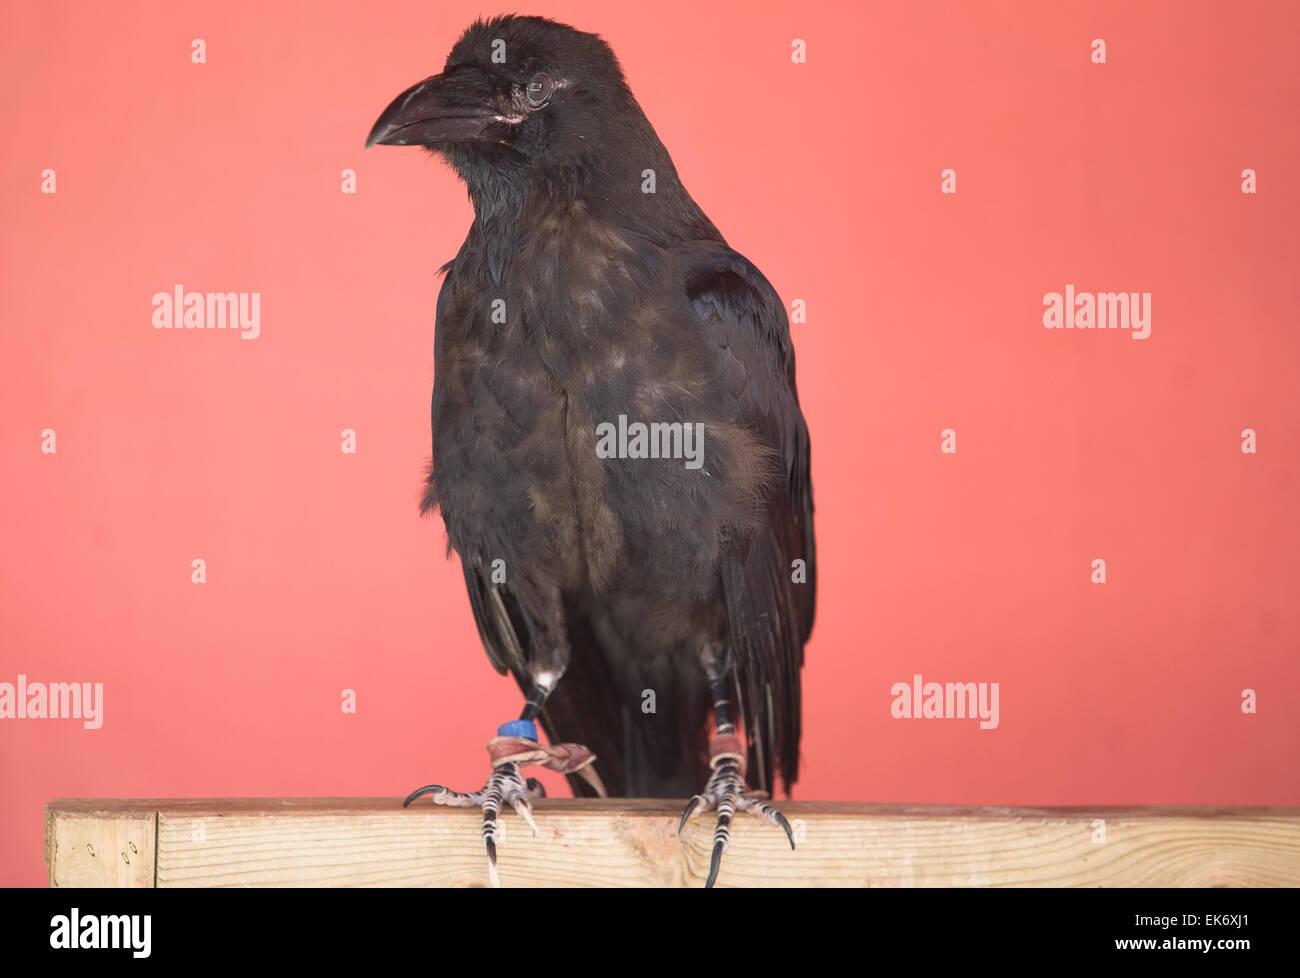 Der Kolkrabe (Corvus Corax), auch das nördliche Raven oder schwarze Krähe bekannt, eine große, schwarze Stockbild